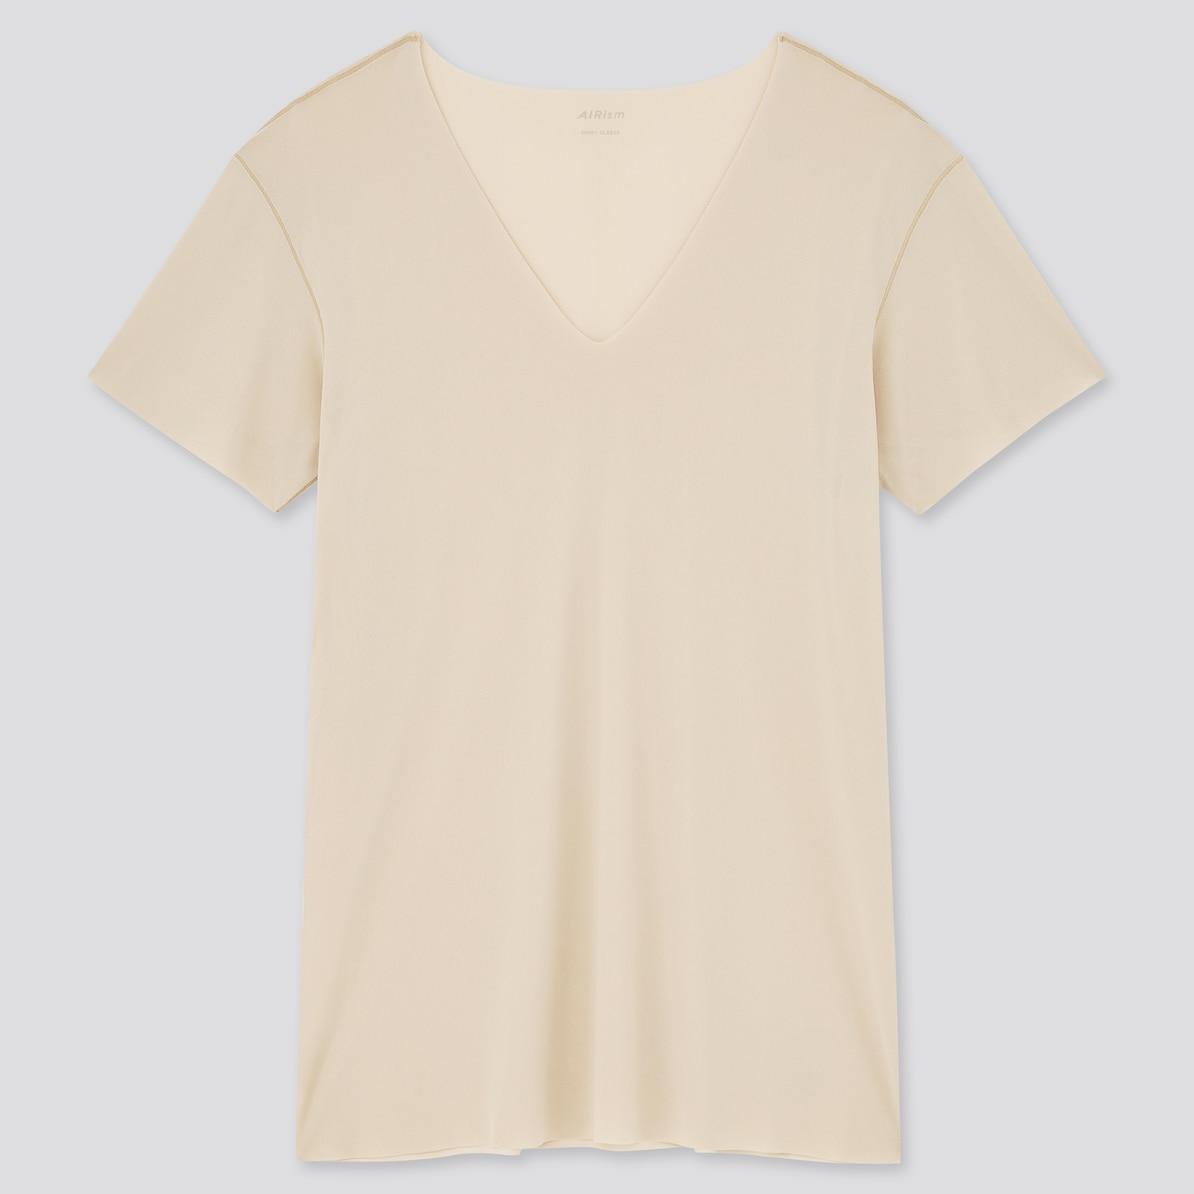 マコなり社長おすすめ 春のユニクロ商品 第4位|エアリズム マイクロメッシュVネックTシャツ(半袖)